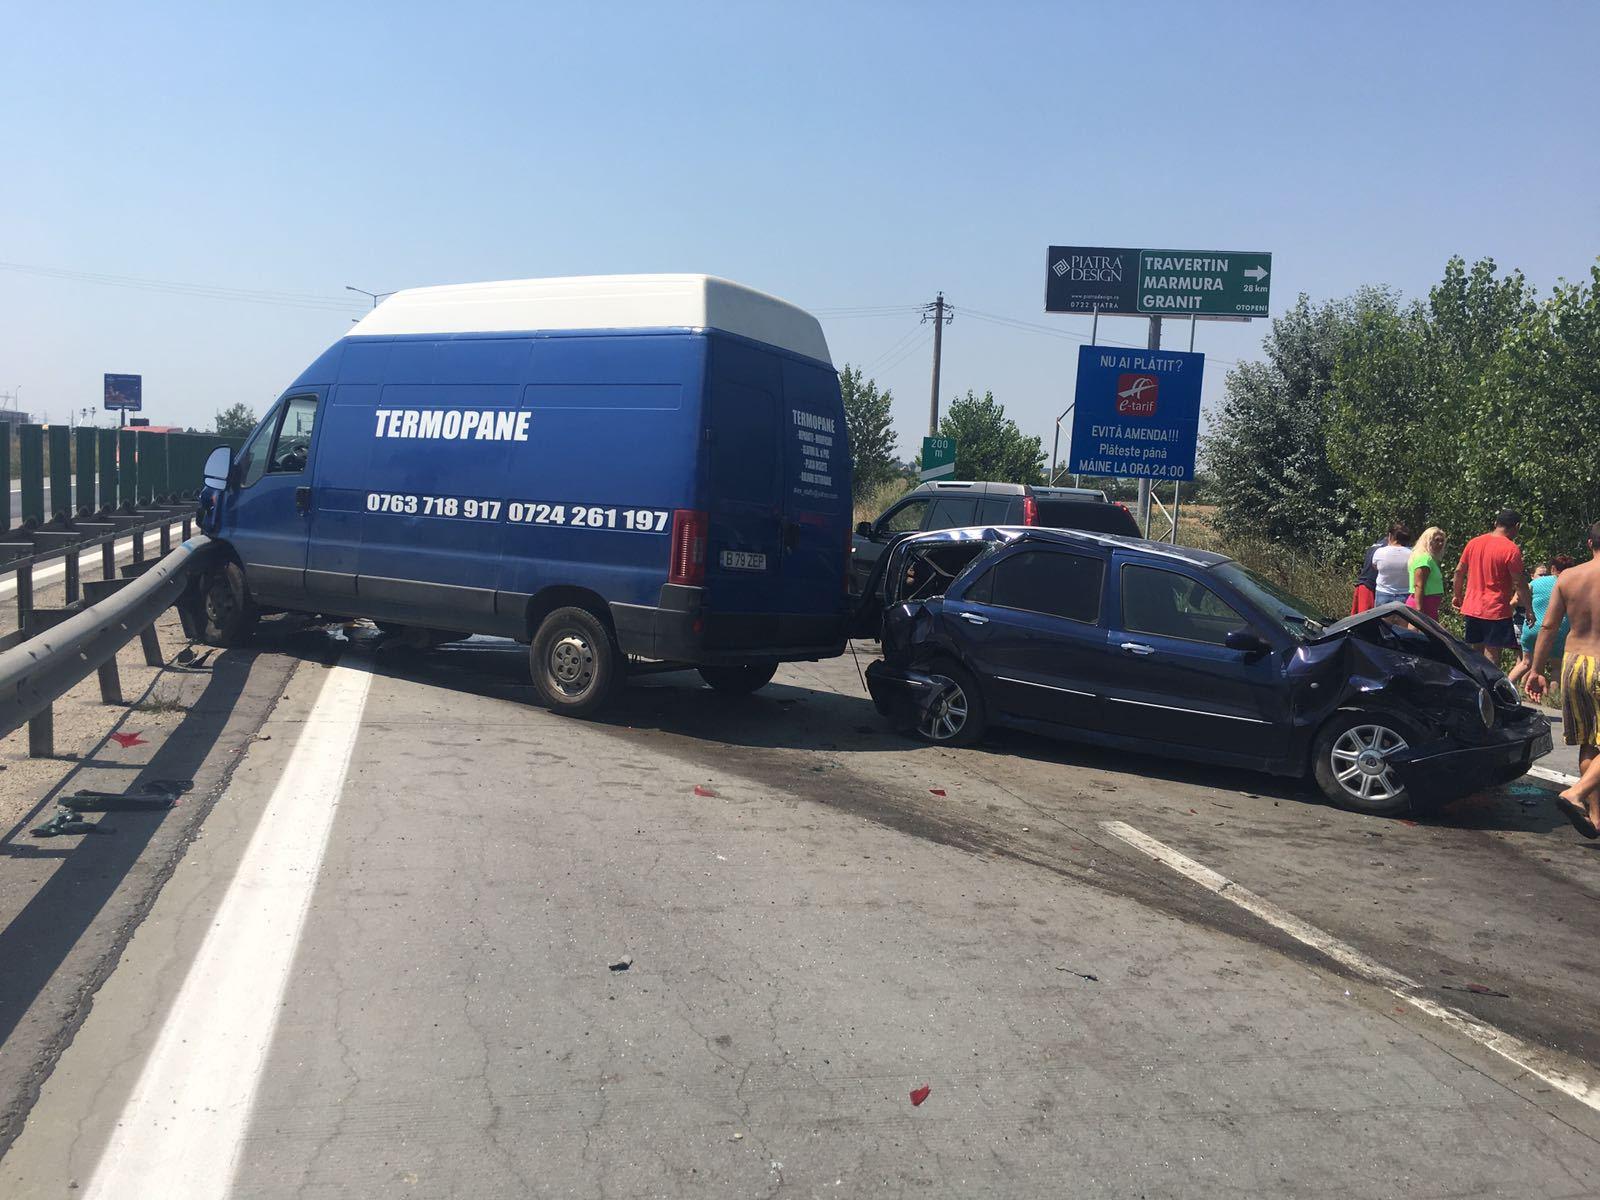 Trafic deviat pe Autostrada Soarelui din cauza unui accident în care au fost implicate patru maşini